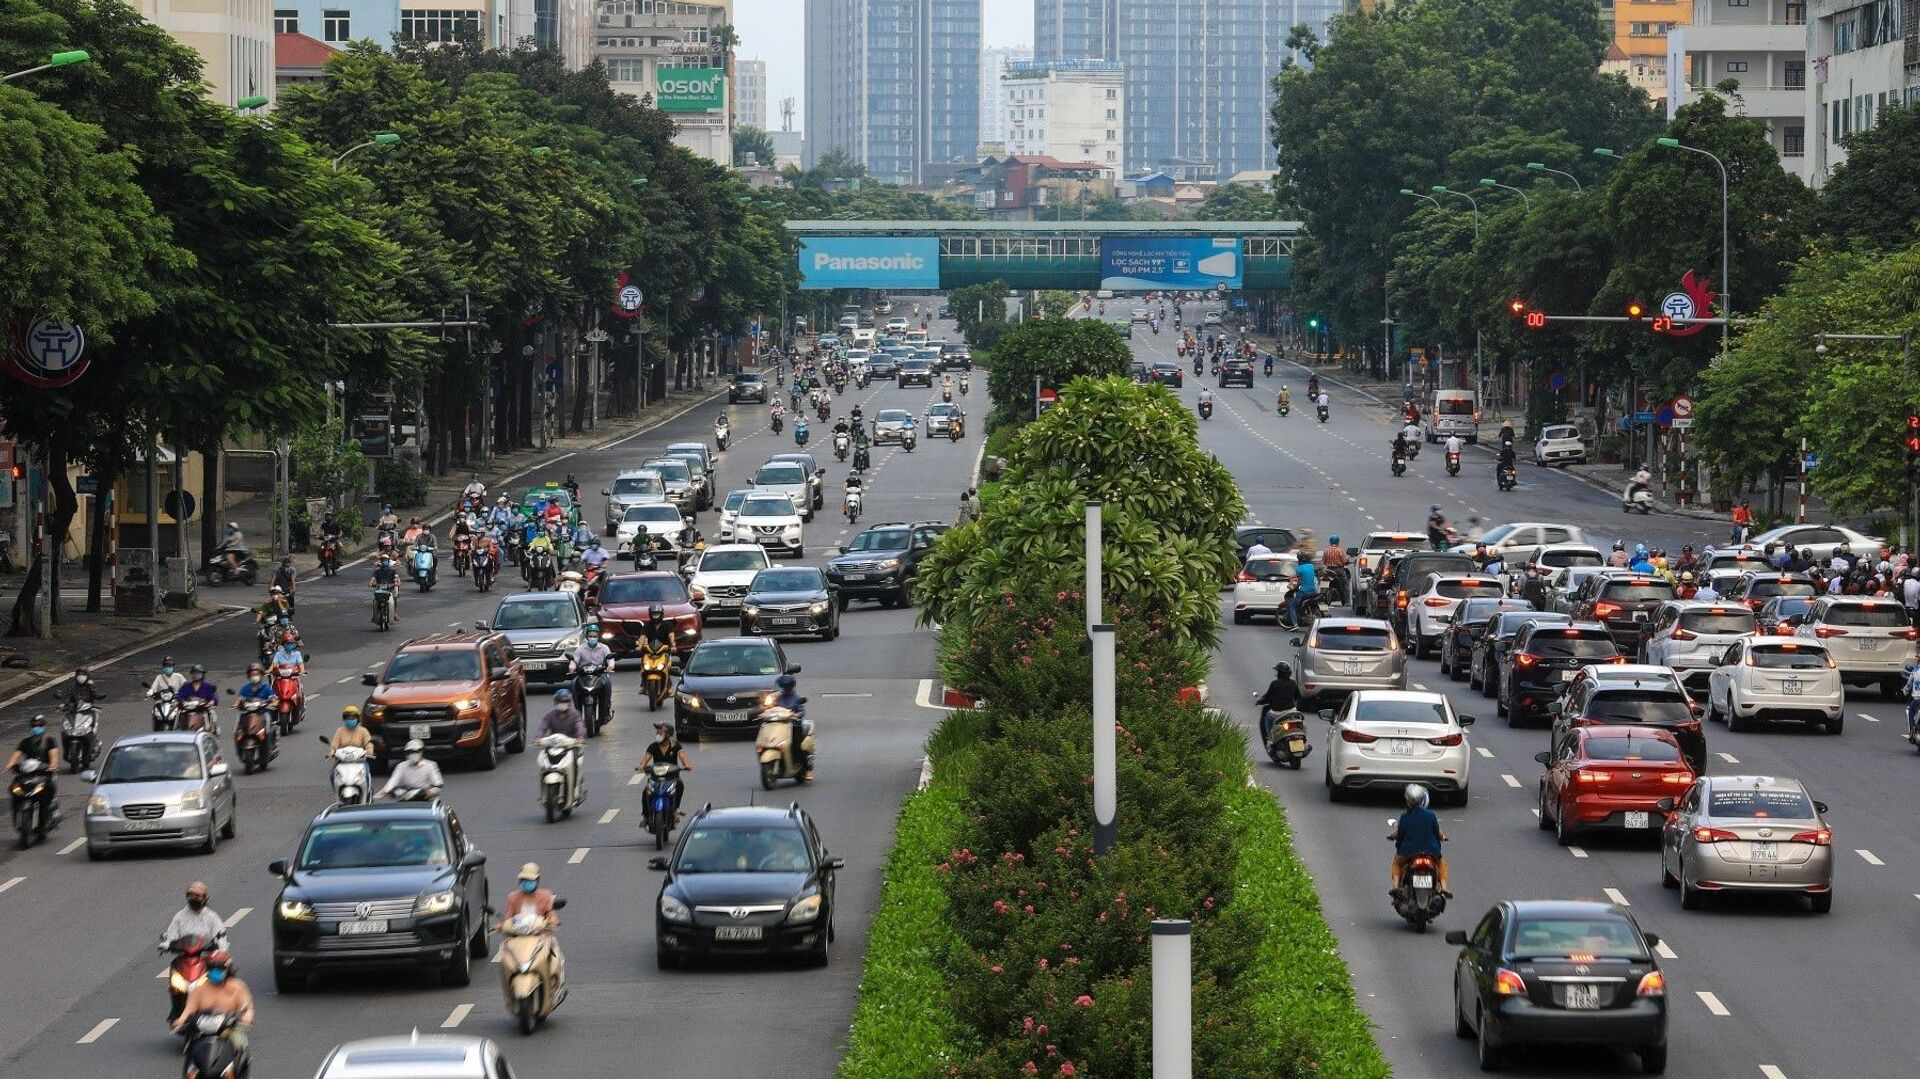 Tại đường Nguyễn Chí Thanh, lực lượng chức năng cũng đã bỏ chốt kiểm tra giấy đi đường, người dân có thể tham gia giao thông thoải mái hơn. - Sputnik Việt Nam, 1920, 20.09.2021